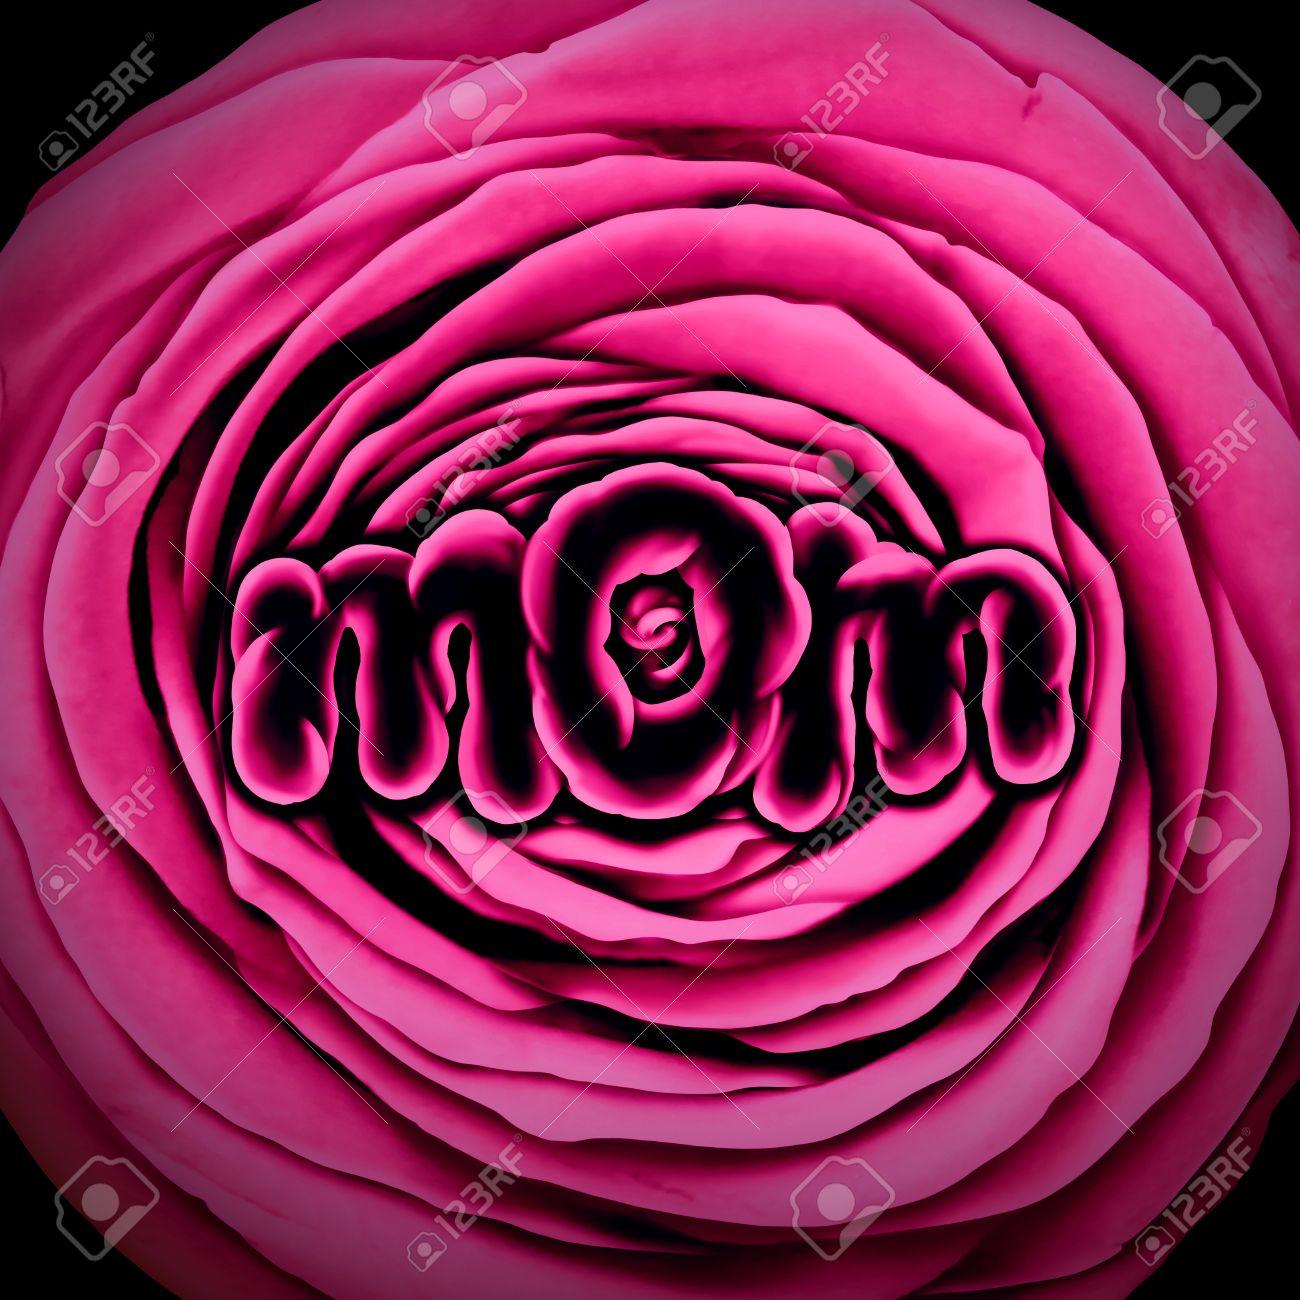 Mère Maman Fleur Avec Une Rose Avec Forme Pour Représenter La